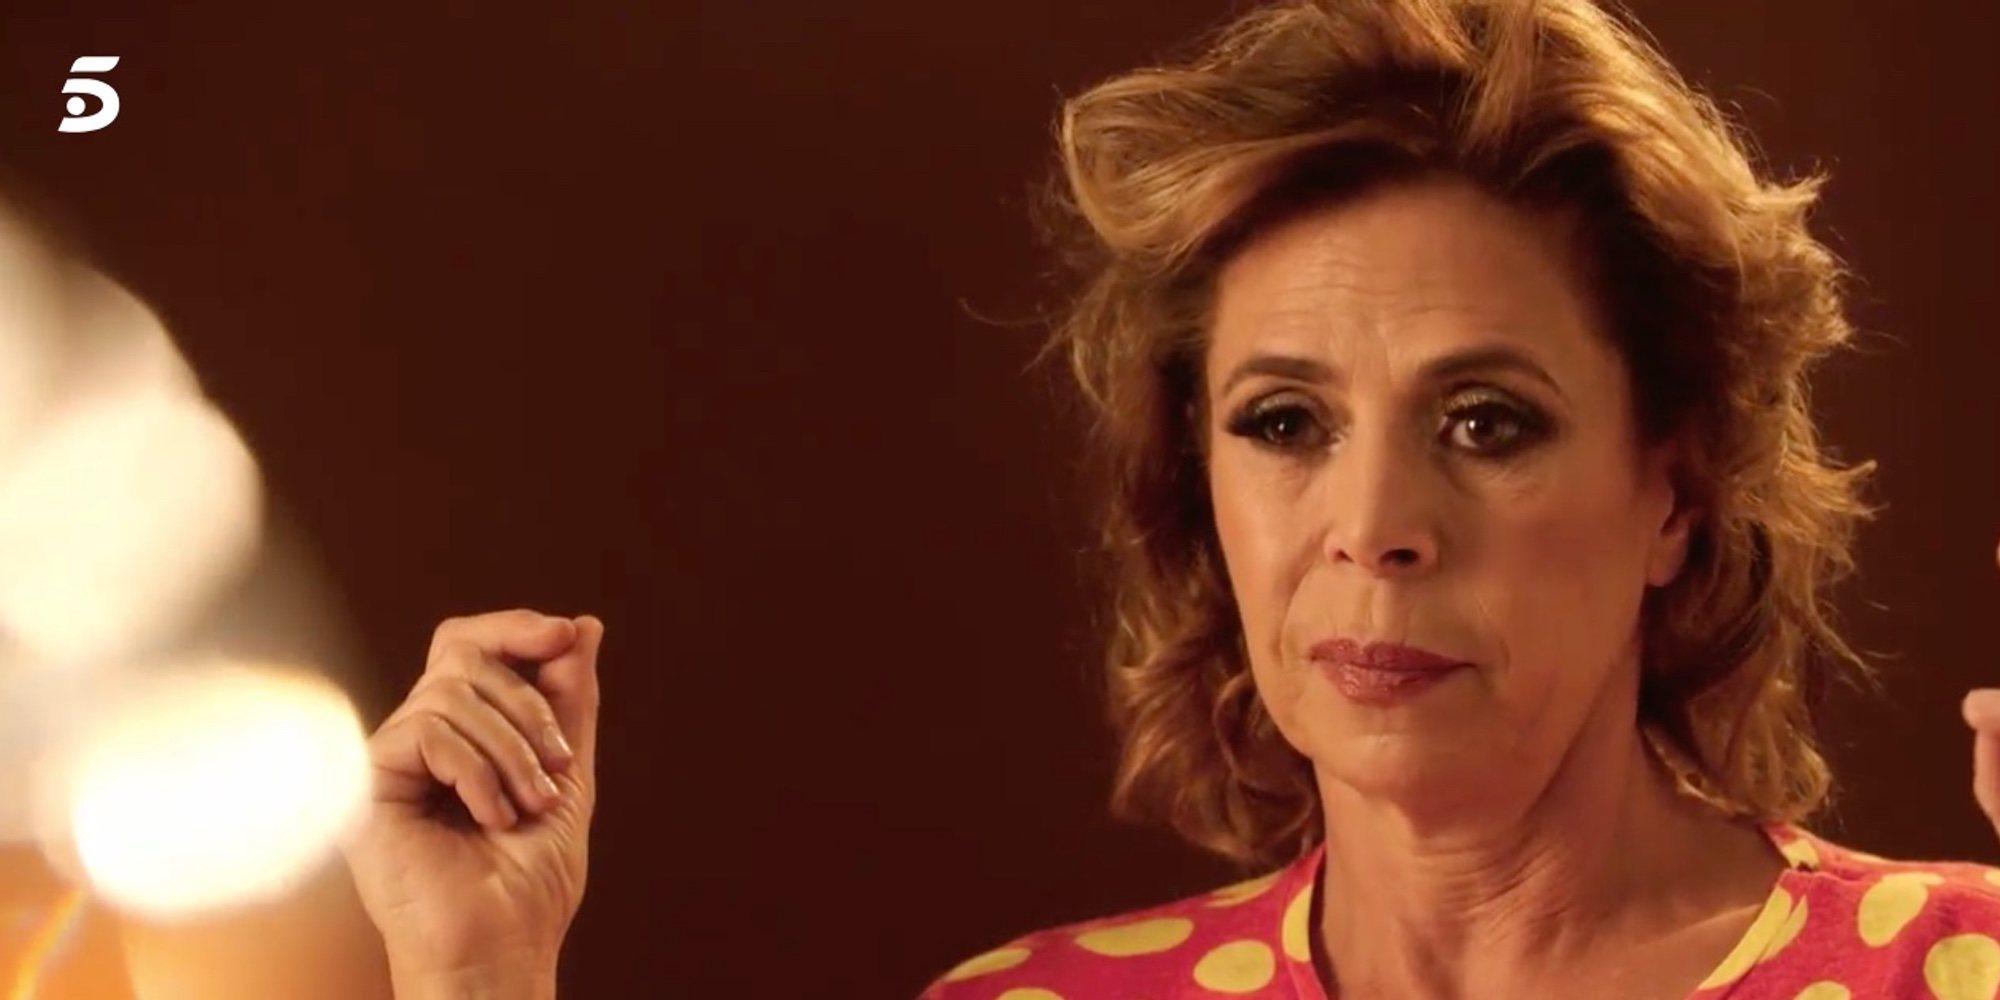 La importancia de la casa de Ágatha Ruiz de la Prada tras su divorcio de Pedro J. Ramírez